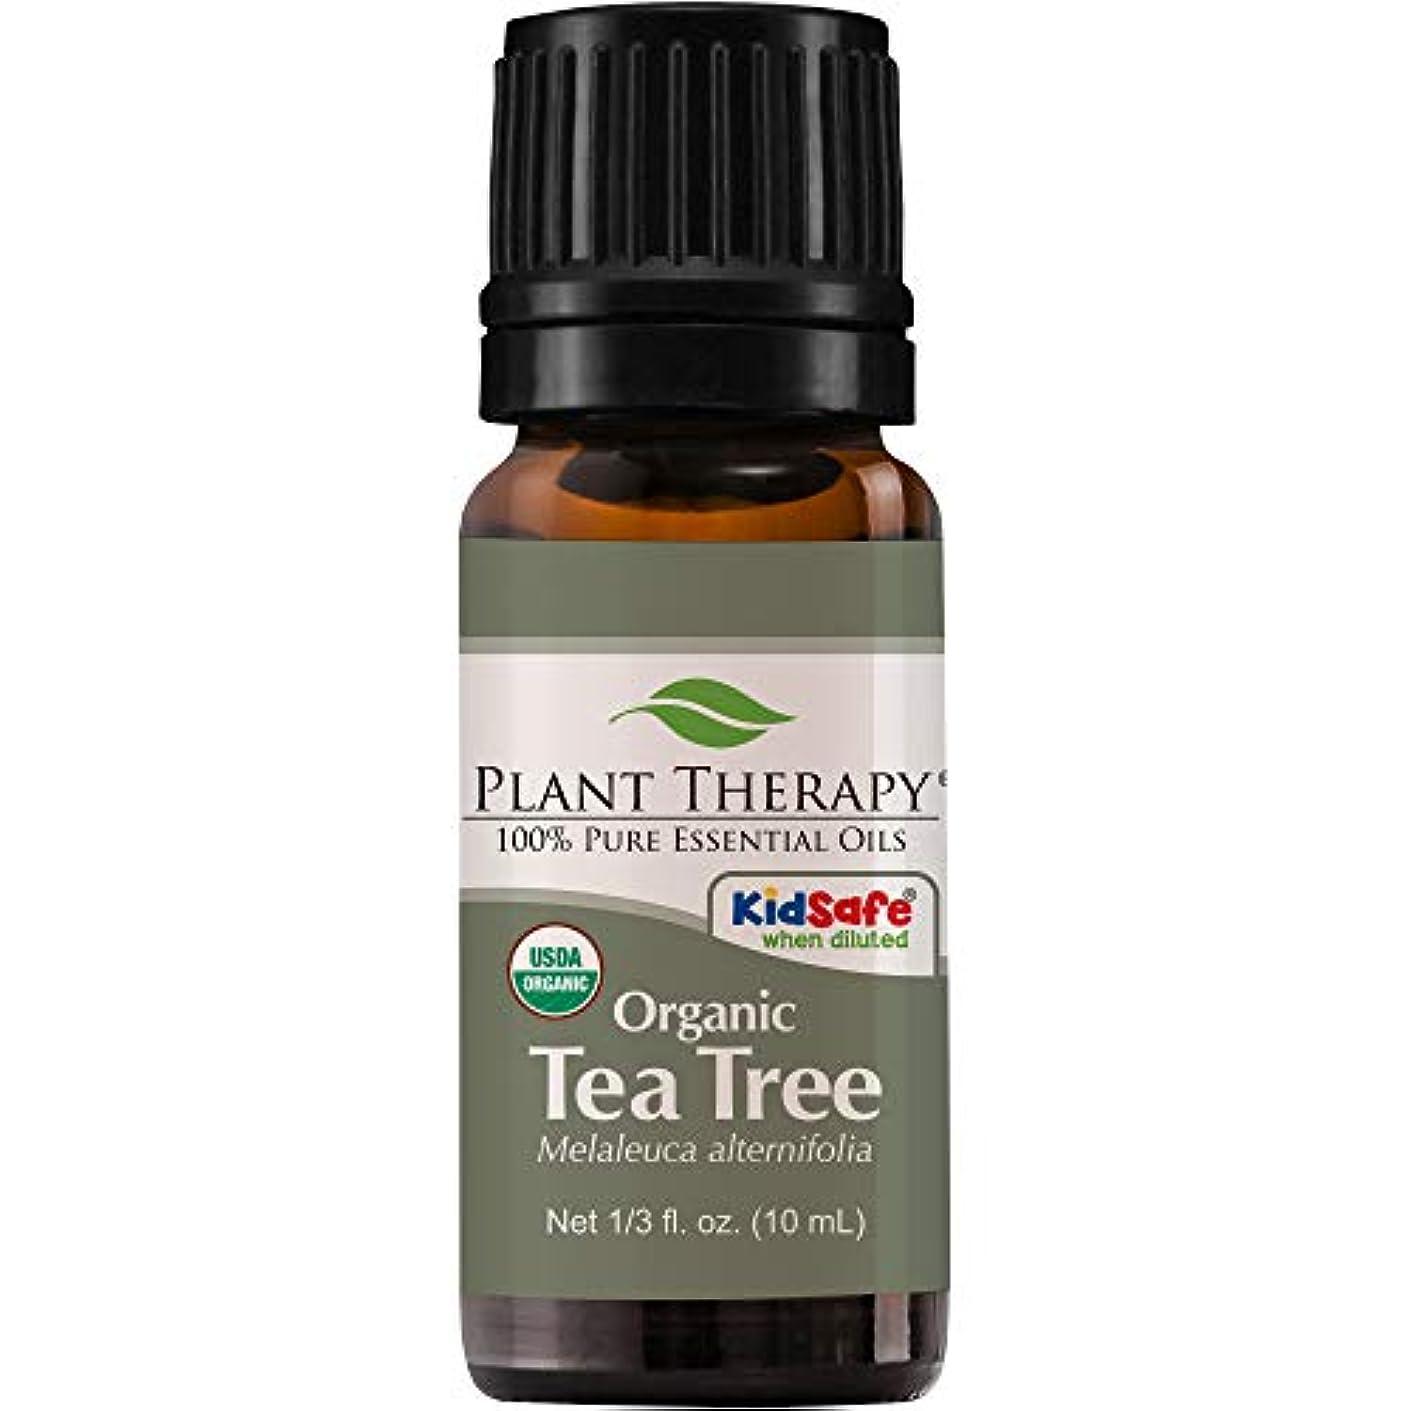 永遠のパニック芸術Plant Therapy Essential Oils (プラントセラピー エッセンシャルオイル) オーガニック ティーツリー (メラルーカ) エッセンシャルオイル